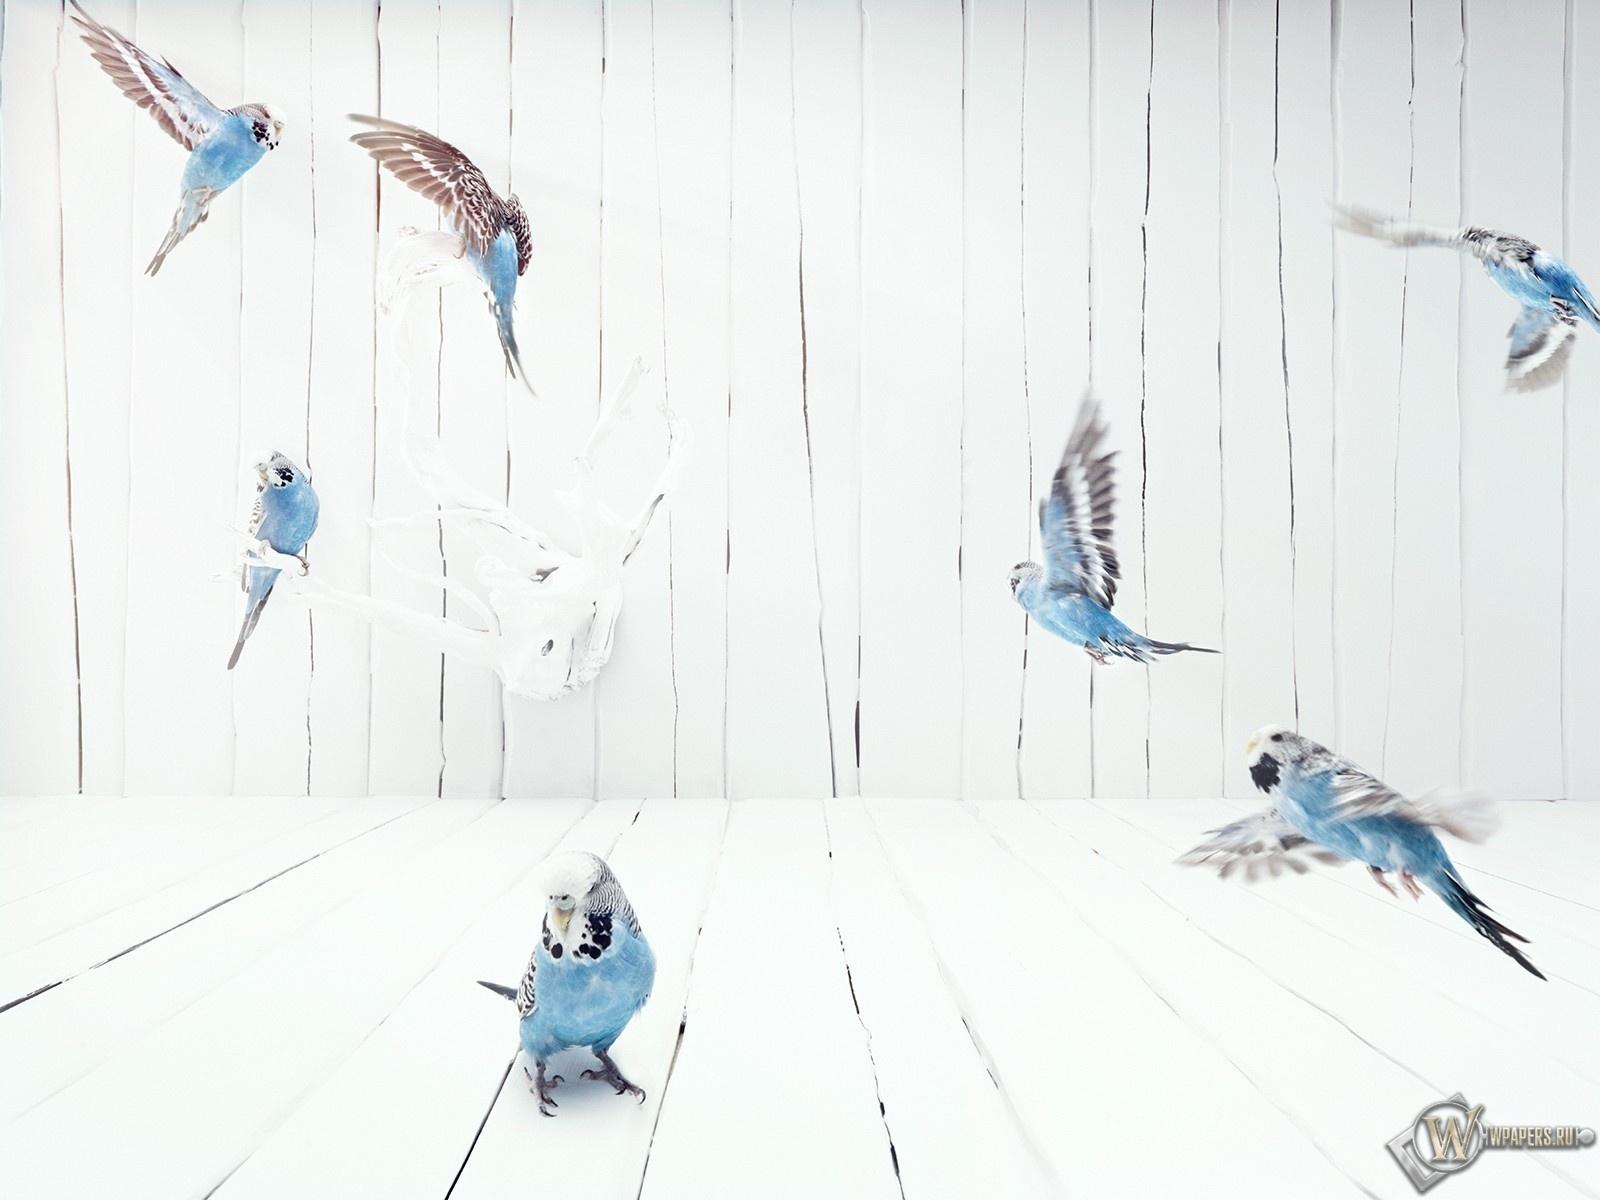 волнистые попугаи 1600x1200